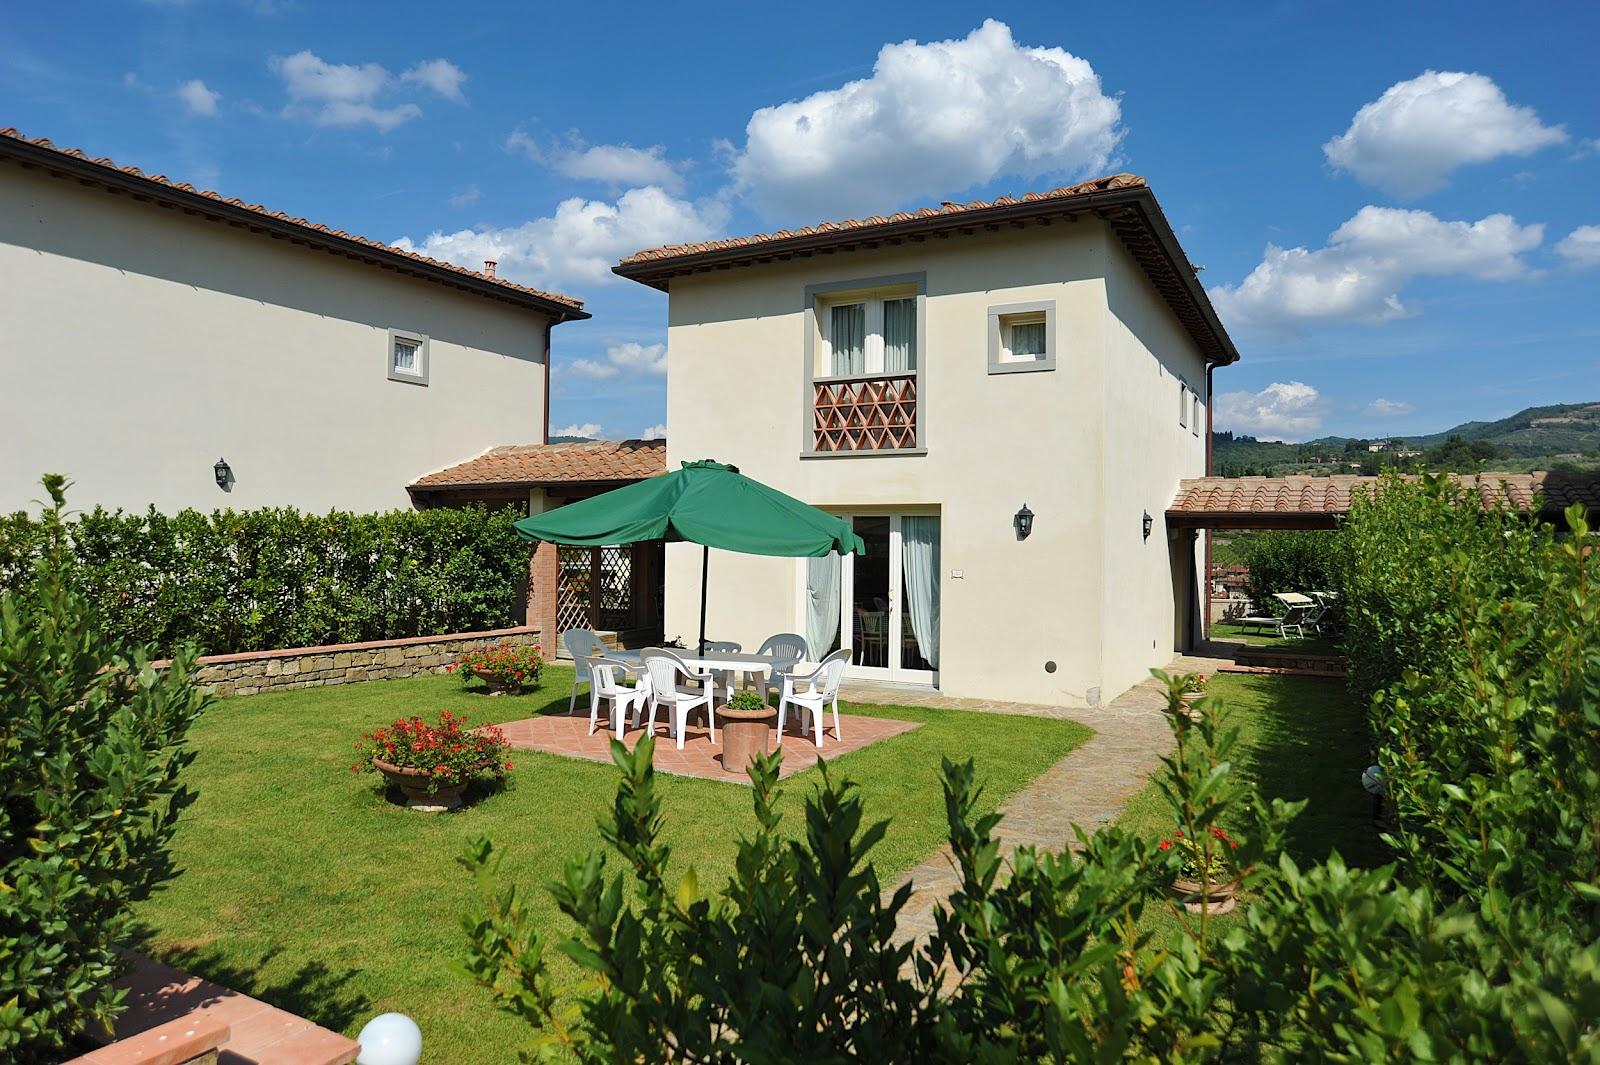 Casa Turchesa_Greve in Chianti_1